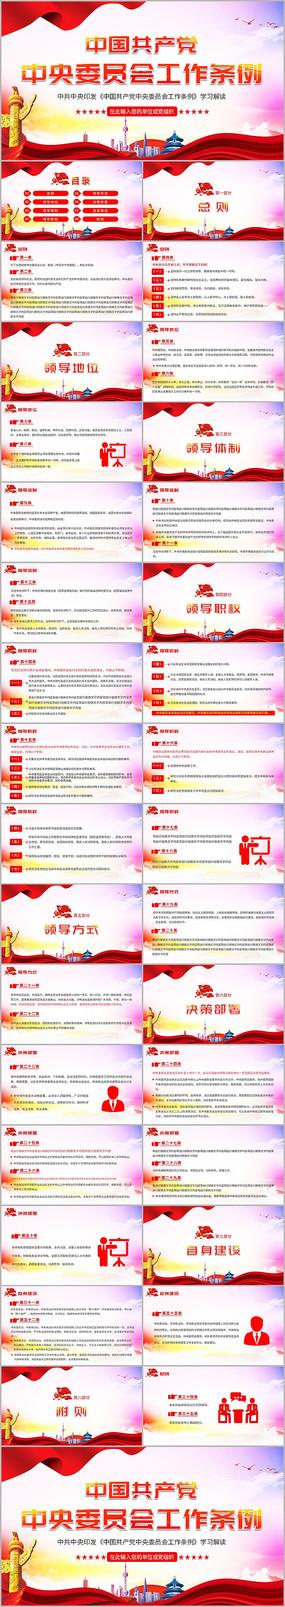 中国共产党中央委员会工作条例解读PPT